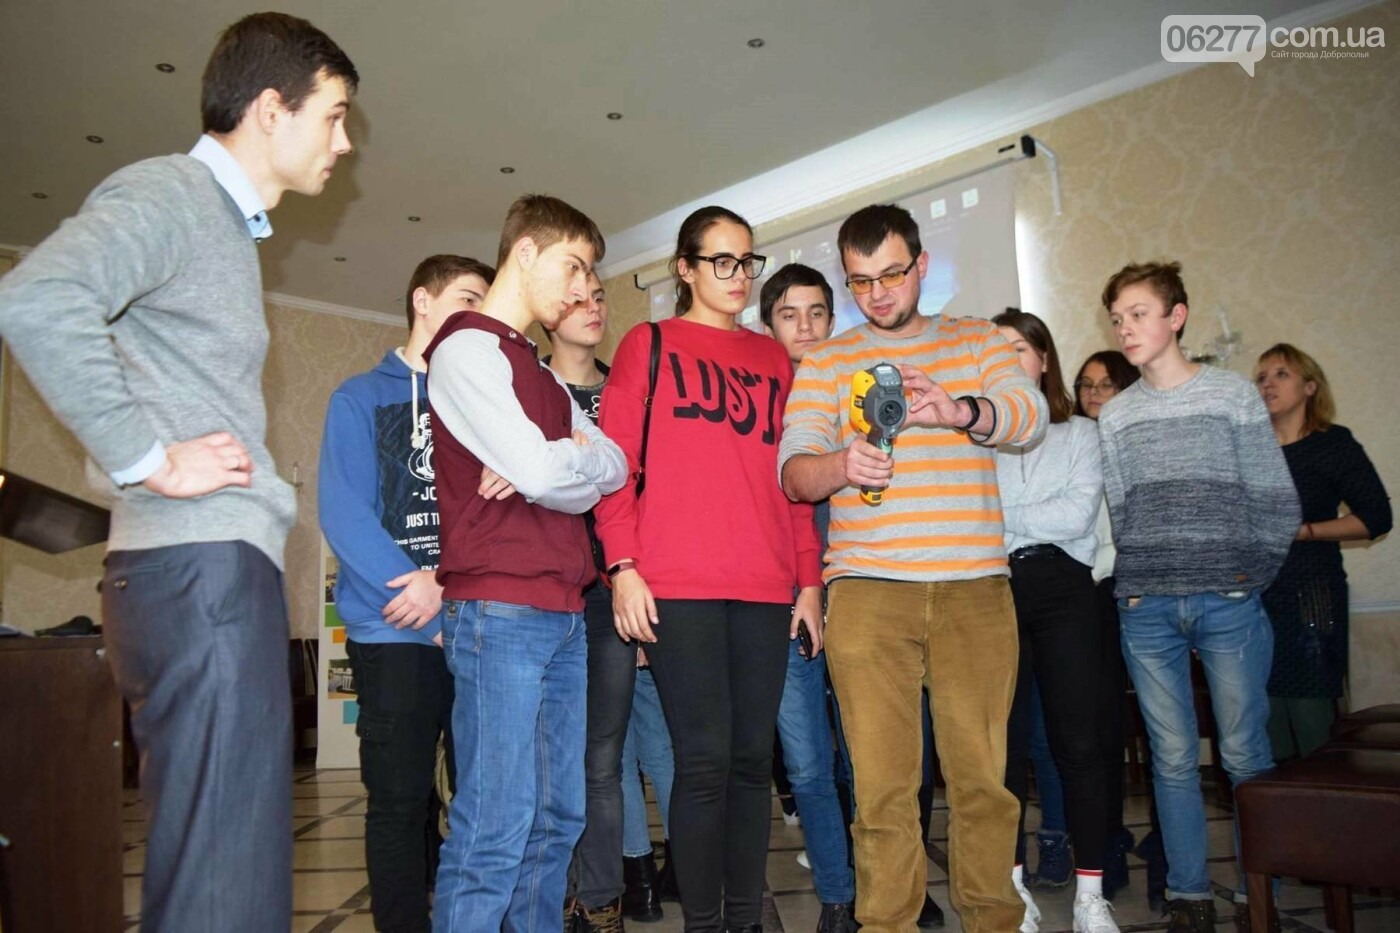 Смастерить солнечную печь и поджарить на ней яичницу научились школьники из Доброполья, фото-4